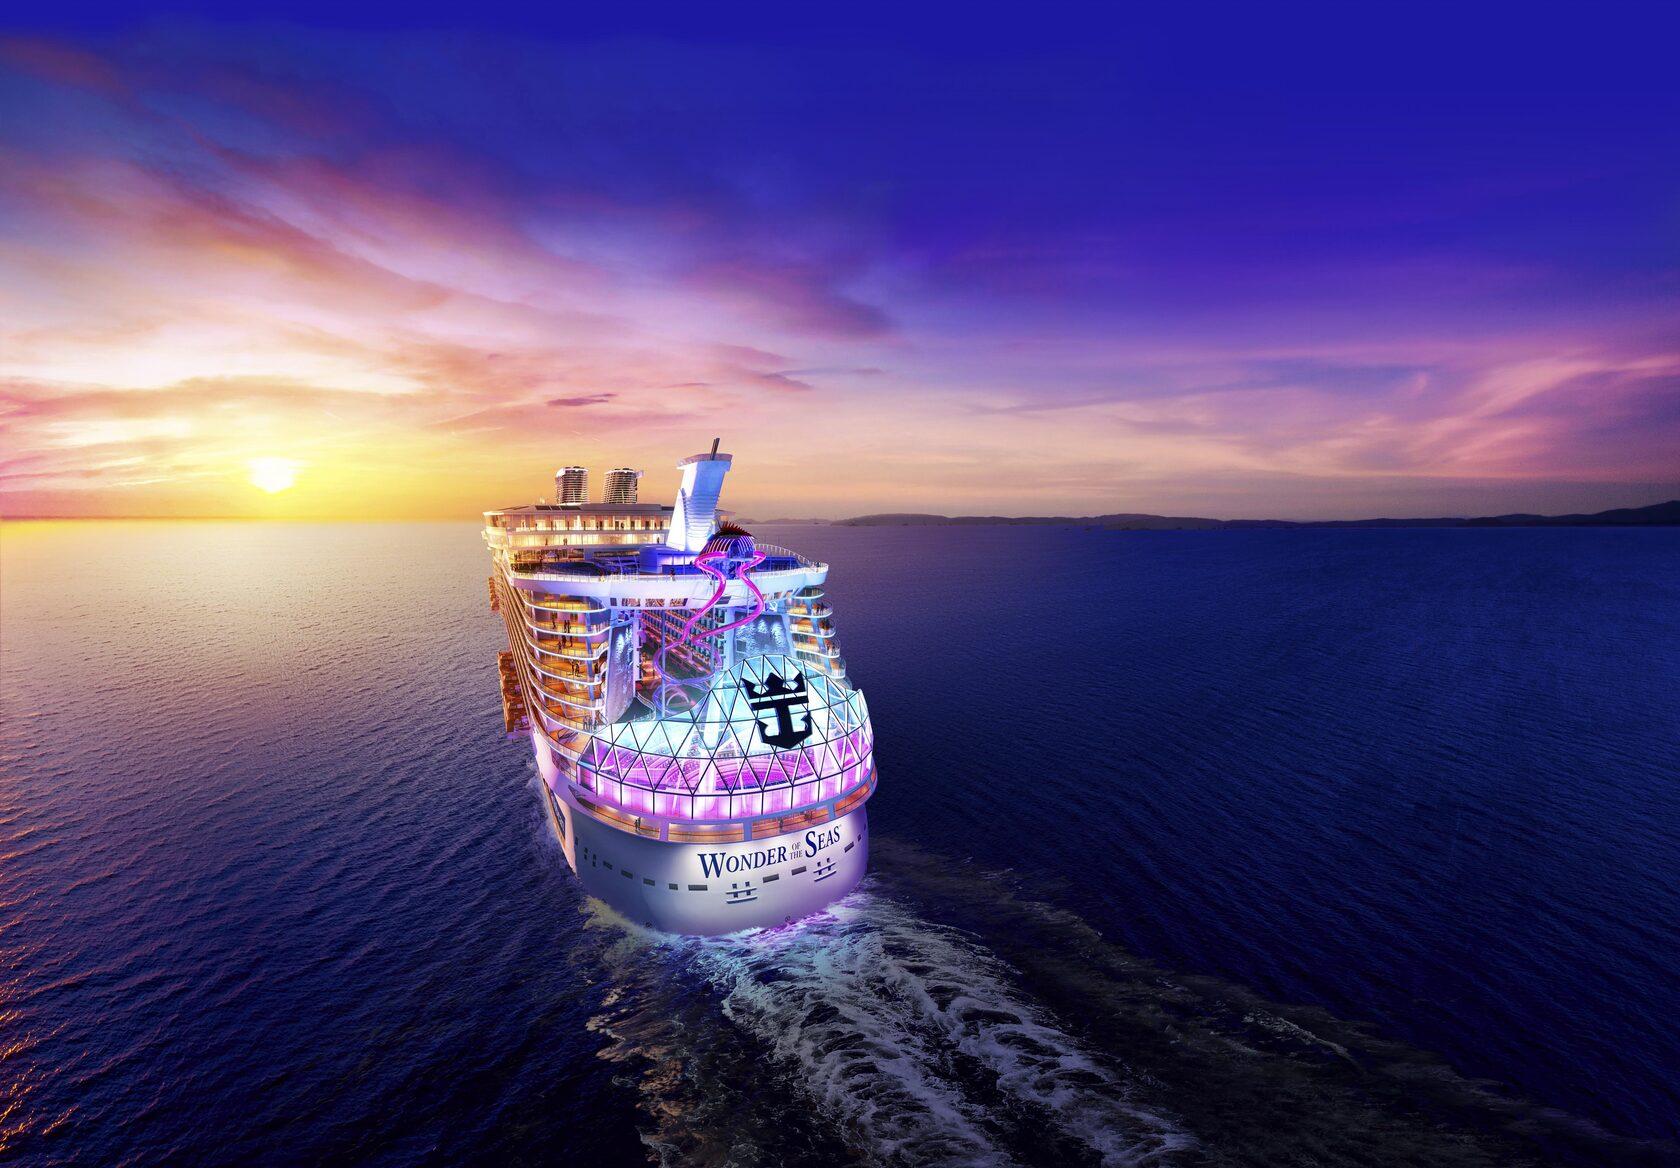 Чудо море! Встречайте Wonder of the Seas!